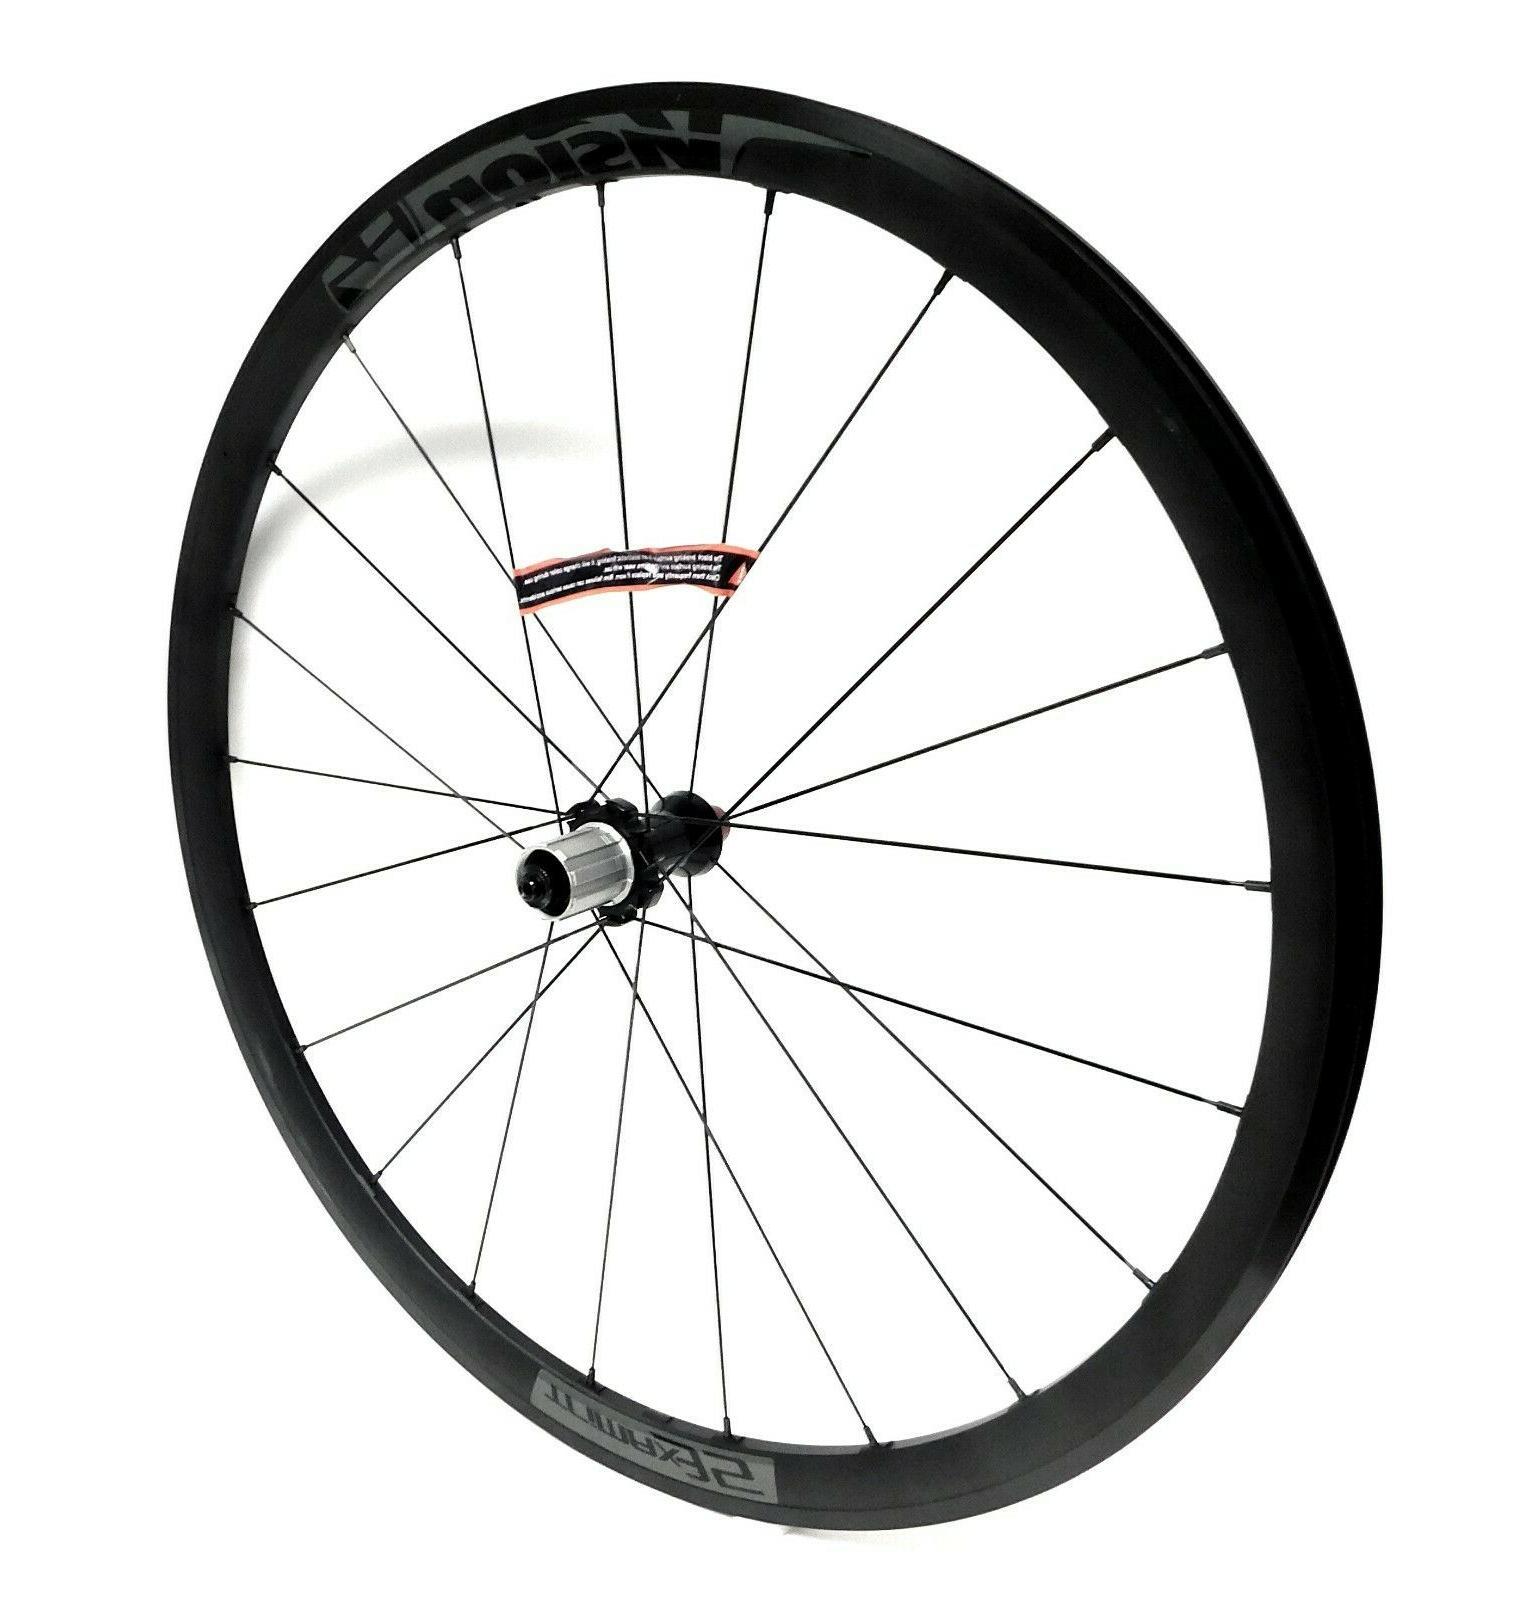 Vision Bike 700c Clincher 11s New